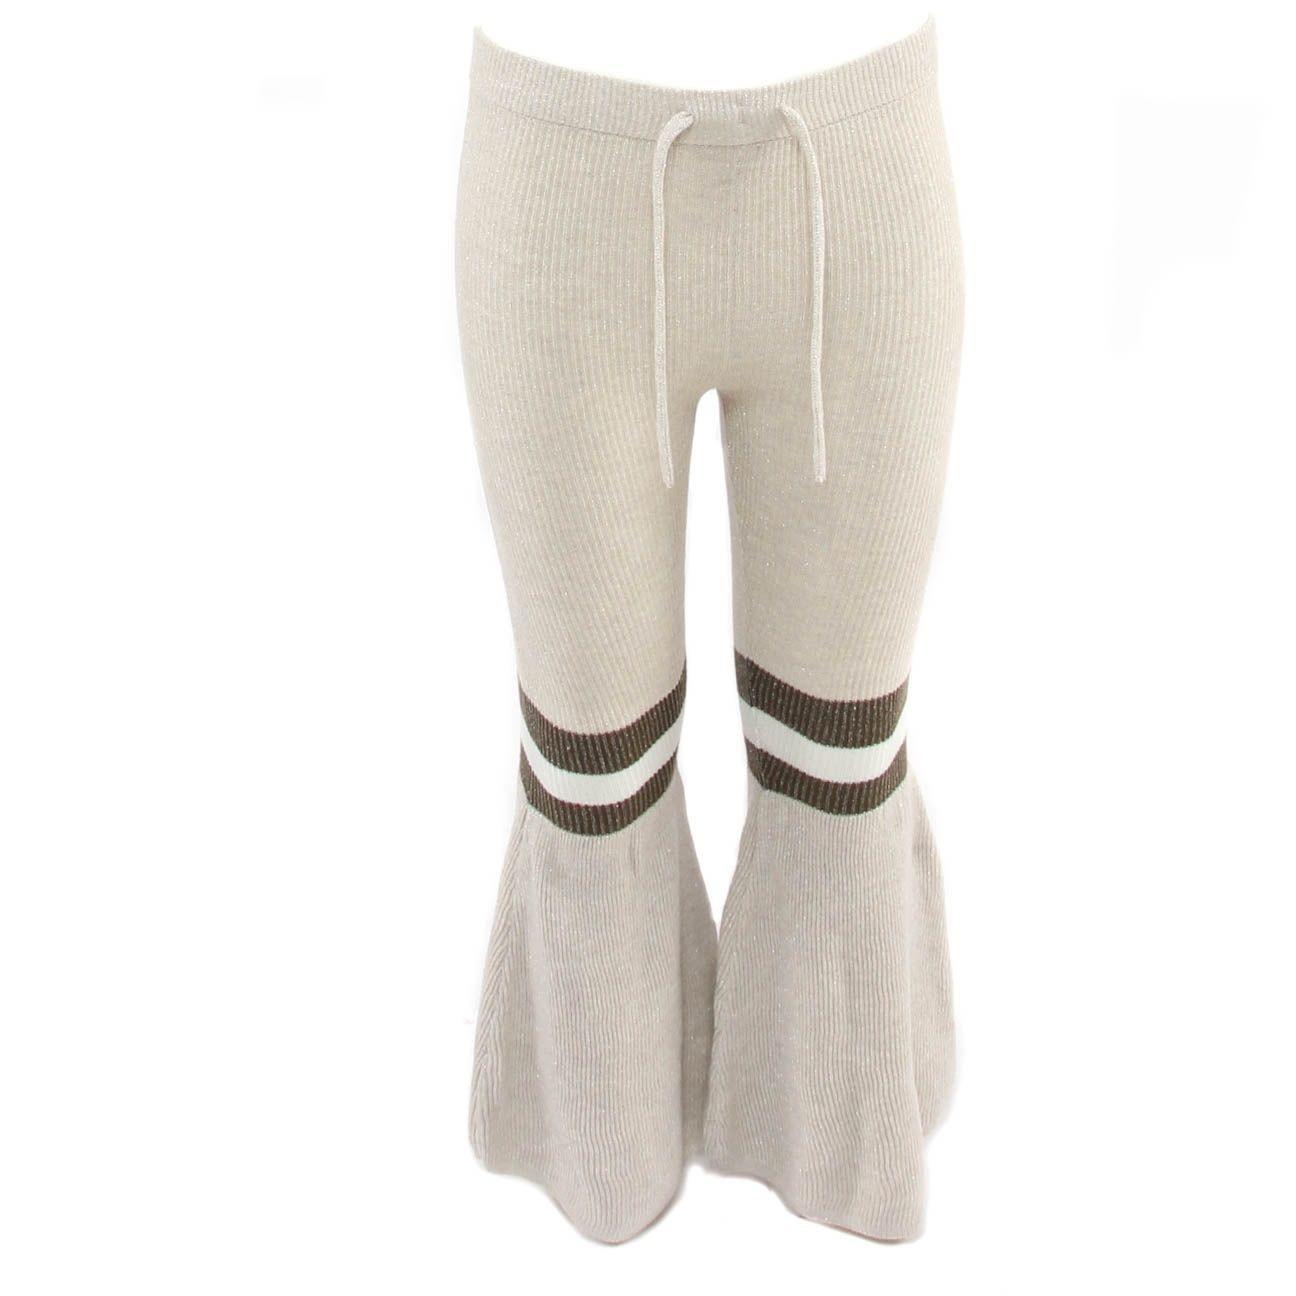 Afbeelding van Reinders Daisy flair pants lurex wit